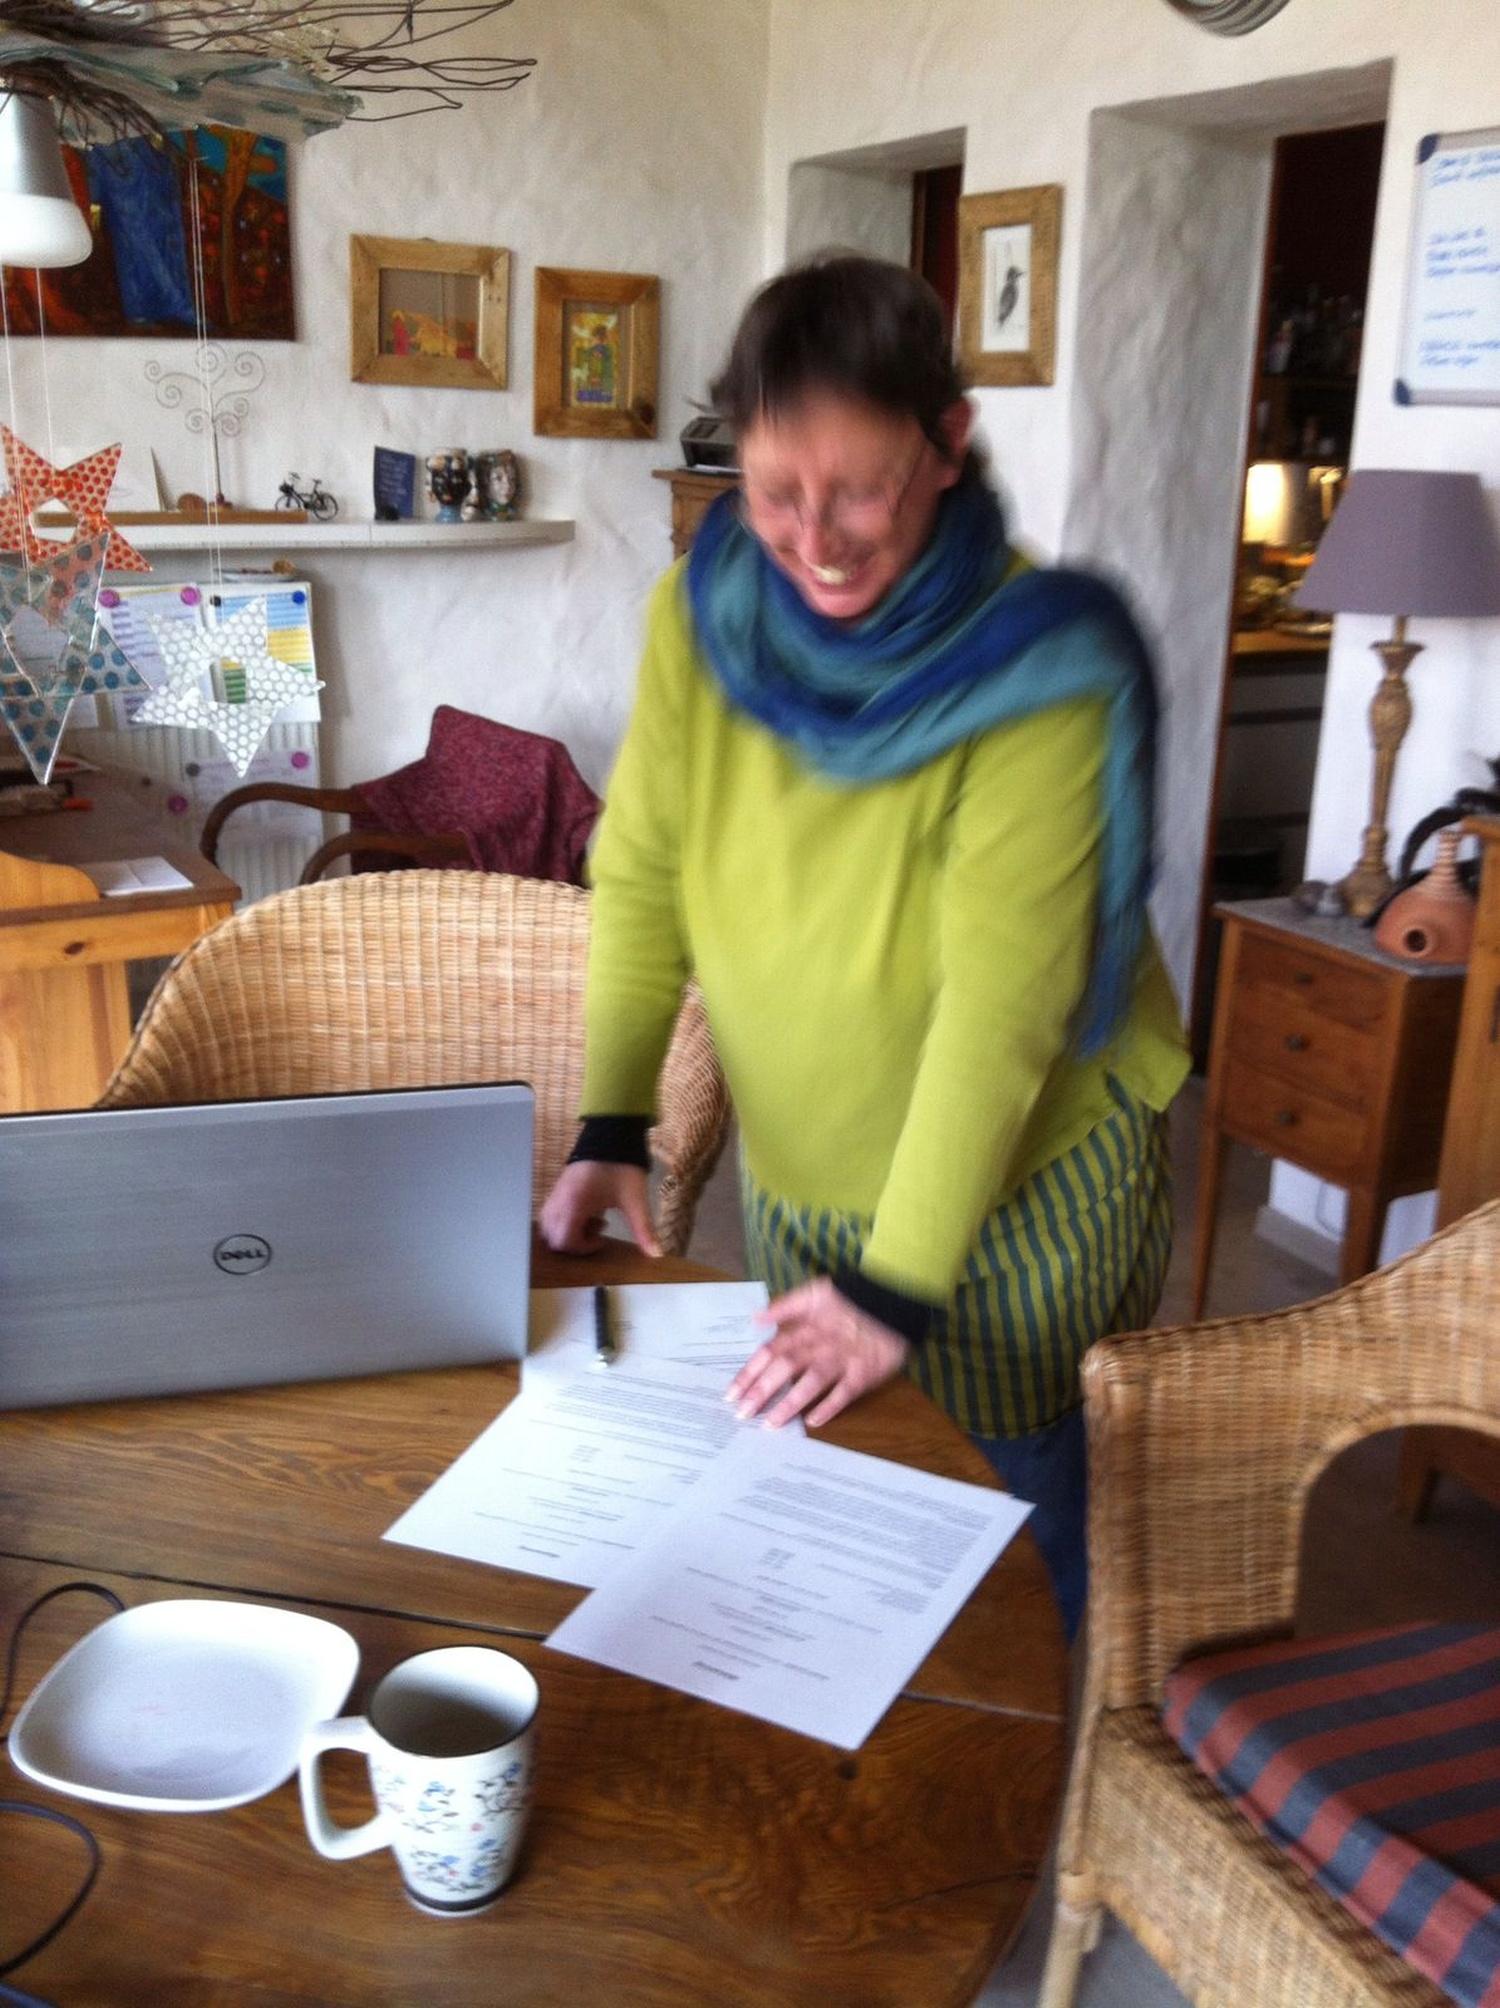 Wir - Annette und ich - unterschreiben einen Vertrag für die Lebensgemeinschaft